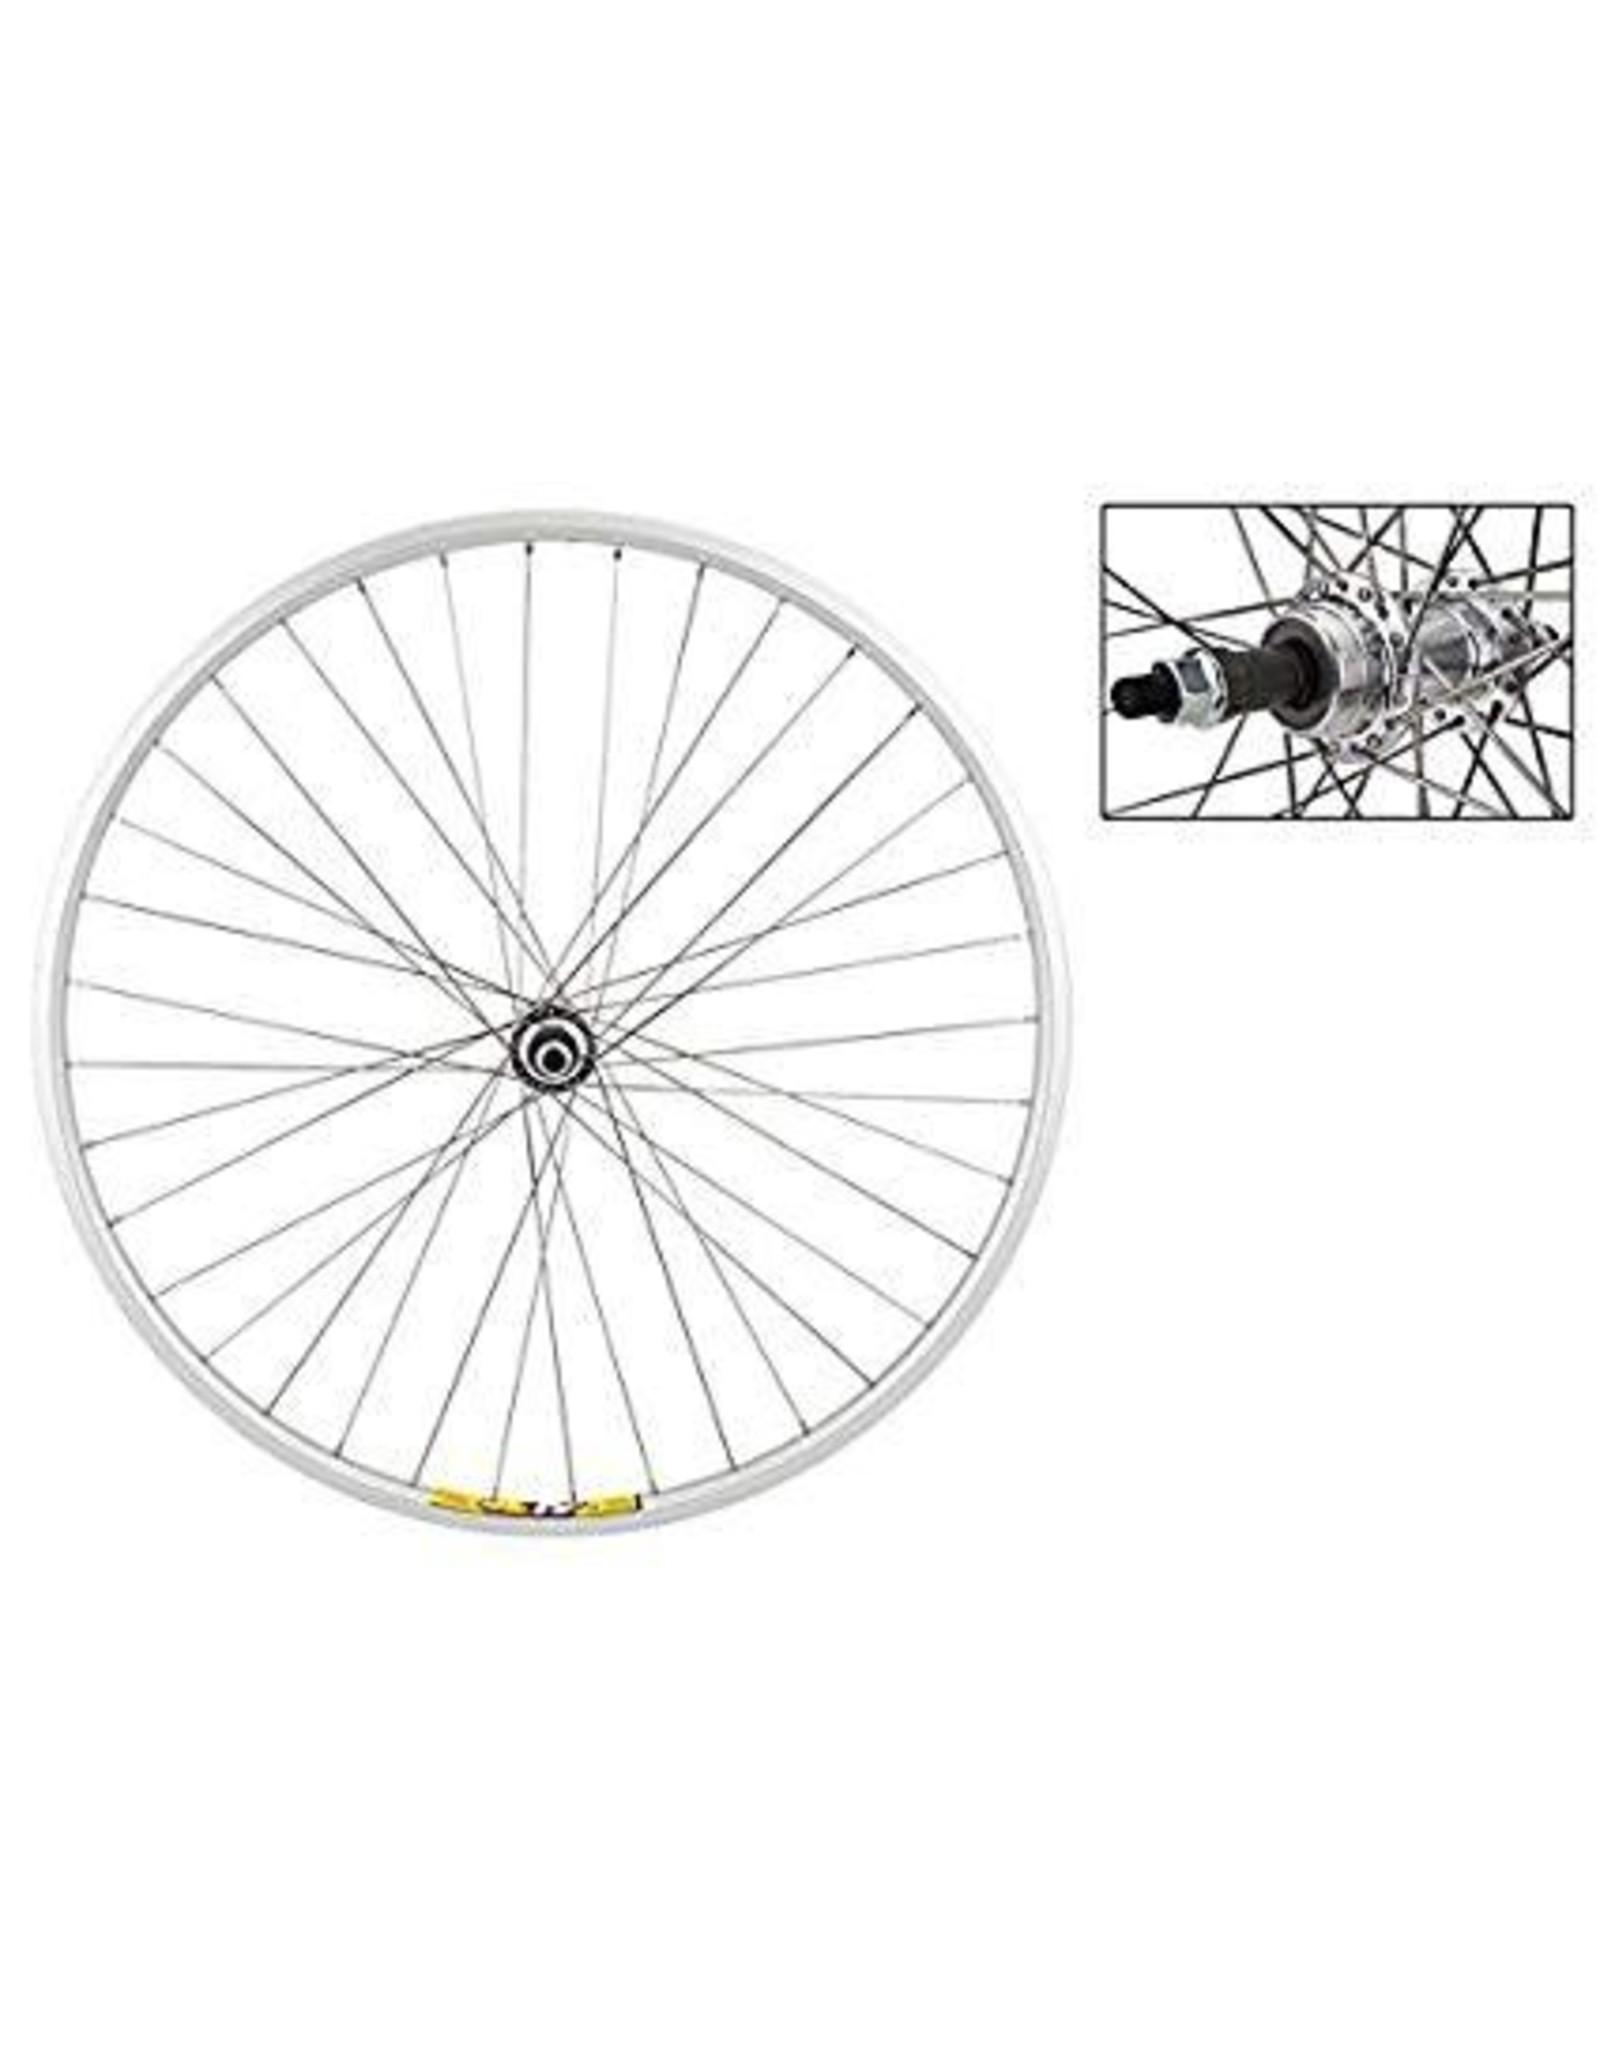 700c Rear Wheel - Freewheel - Bolt On